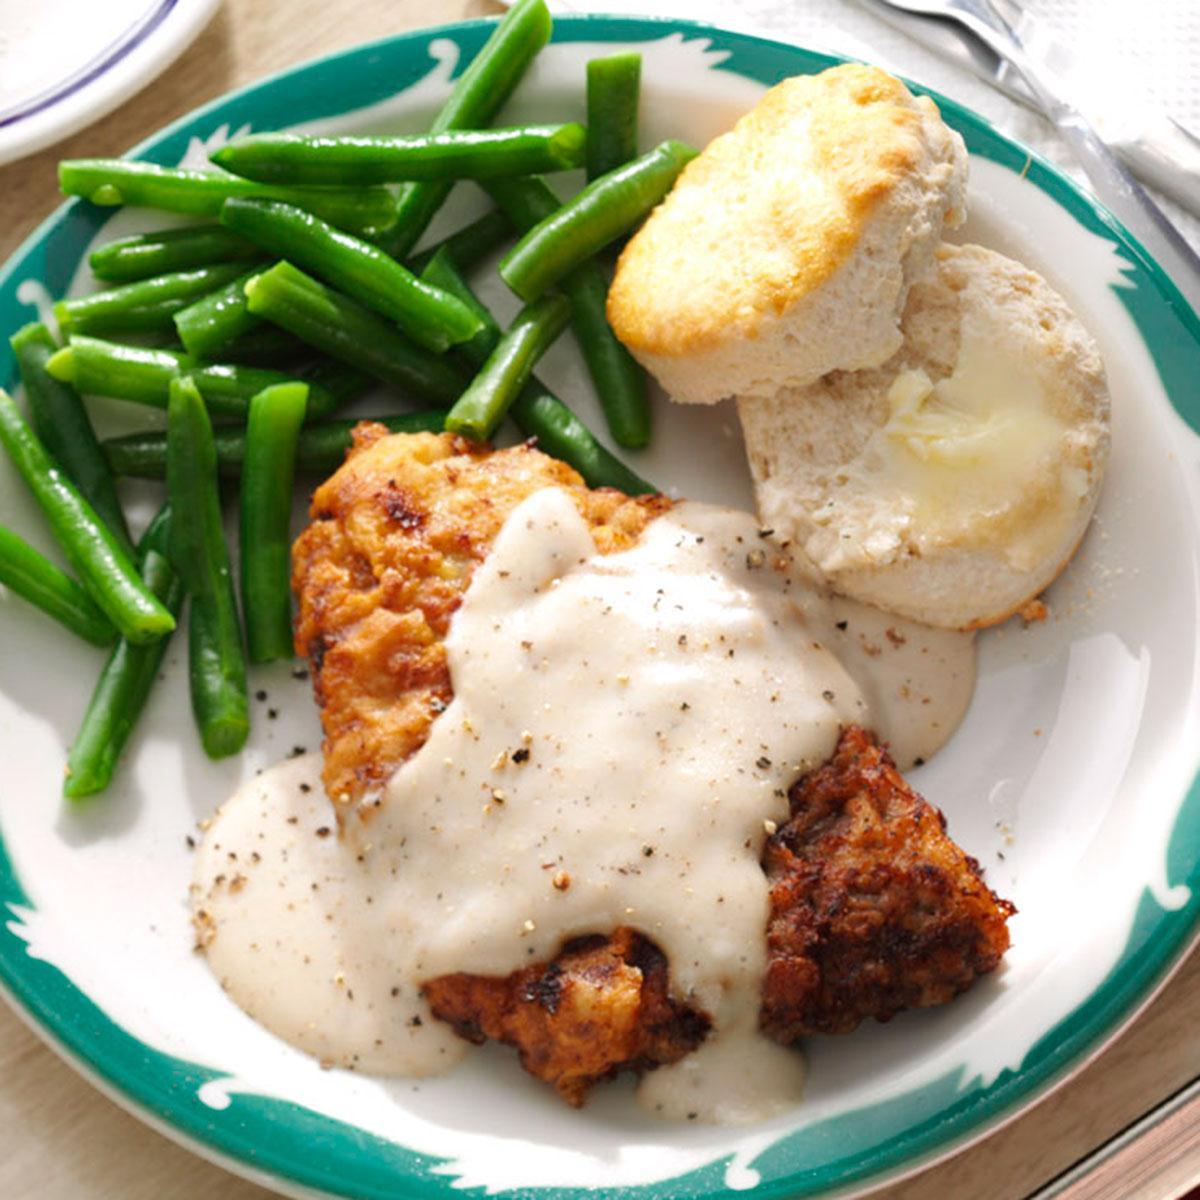 Chicken Fried Steak Recipes  Chicken Fried Steak & Gravy Recipe